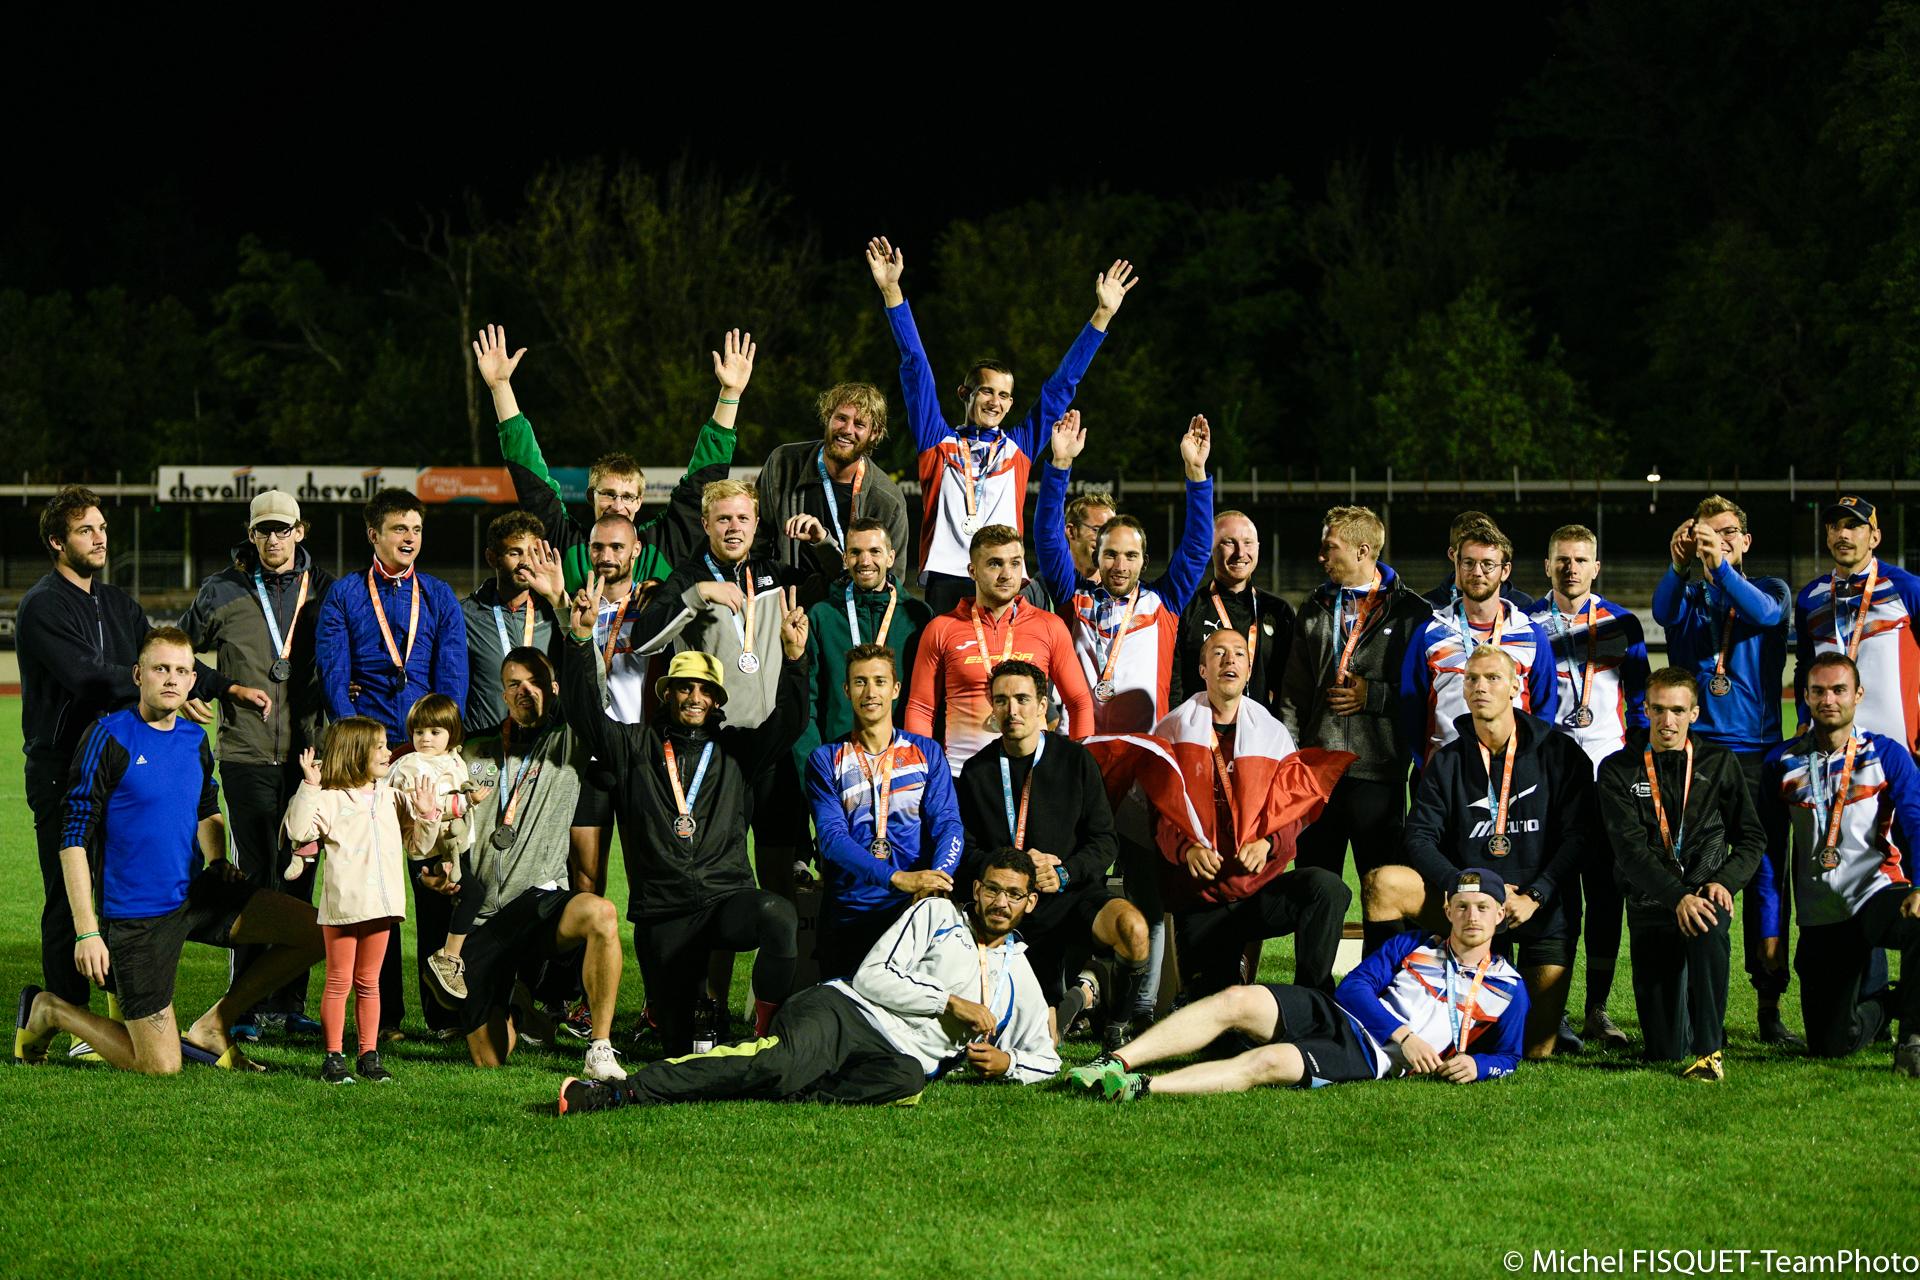 Les 21 et 22 août derniers, à Épinal, en Lorraine, se déroulaient les Championnats du monde d'ultra épreuves combinées sous forme d'icosathlon qui réunit 20 épreuves d'athlétisme différentes en seulement deux jours.